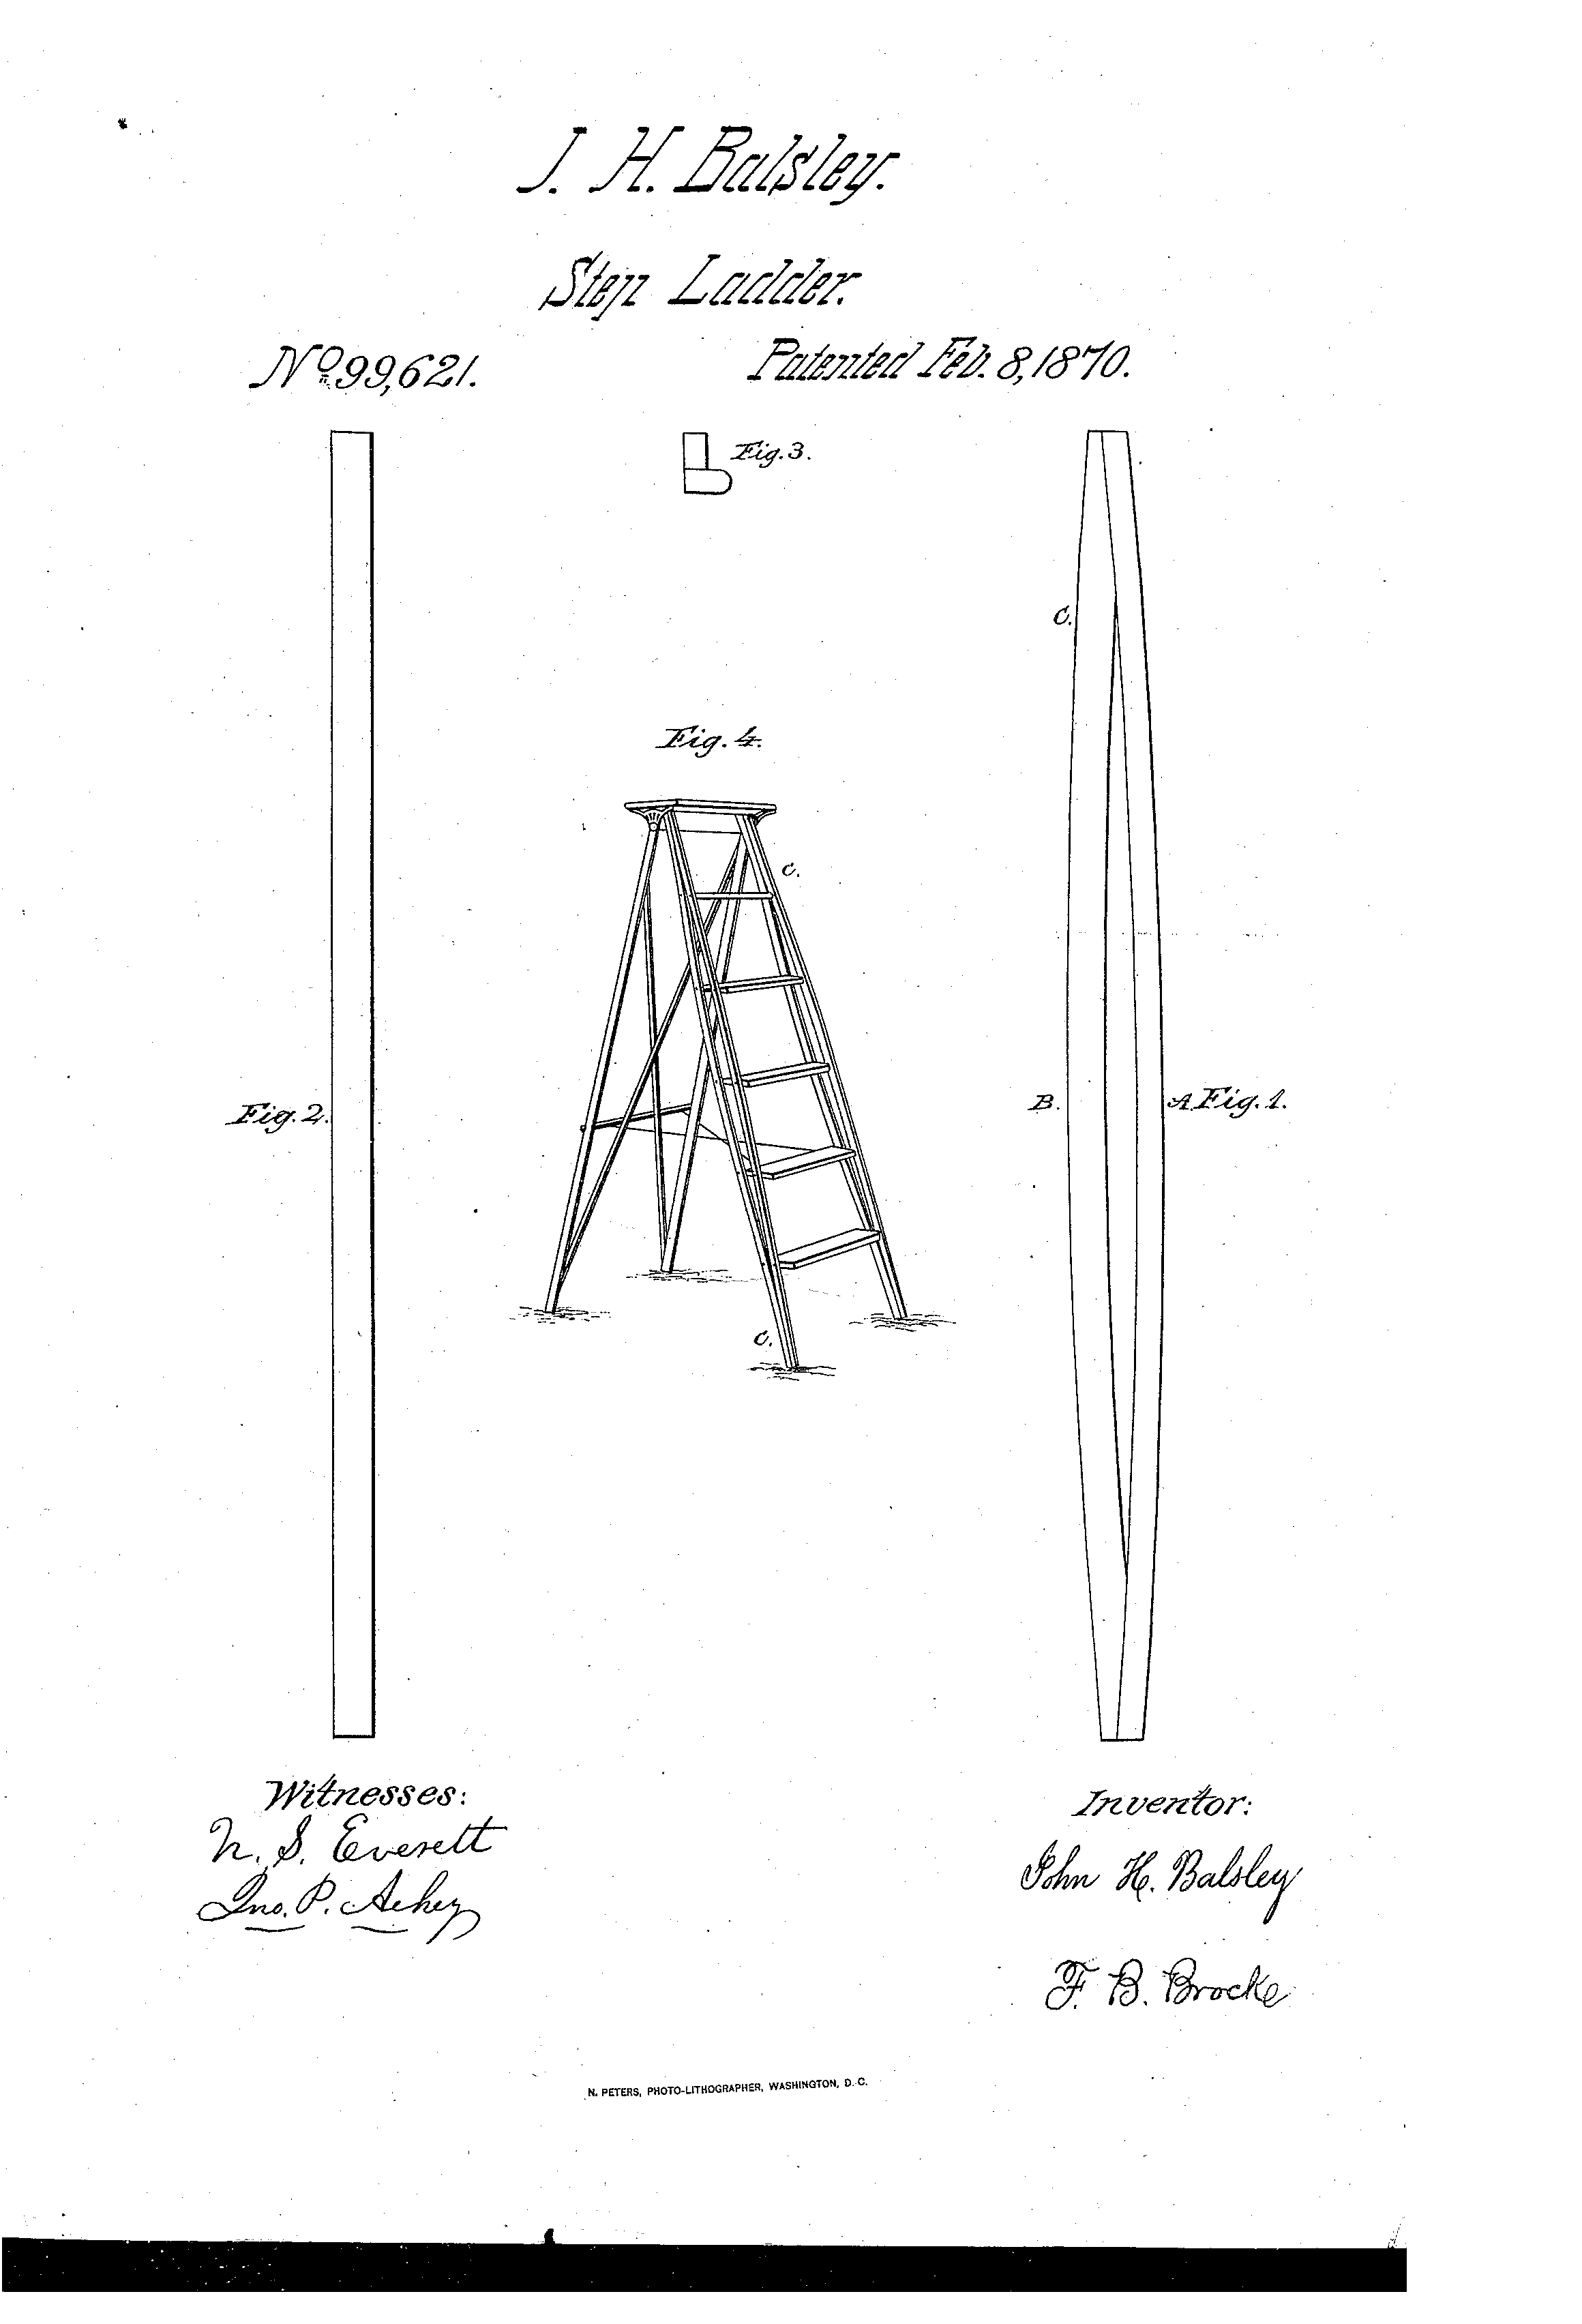 US99621-0.png 2,320×3,408 pixels